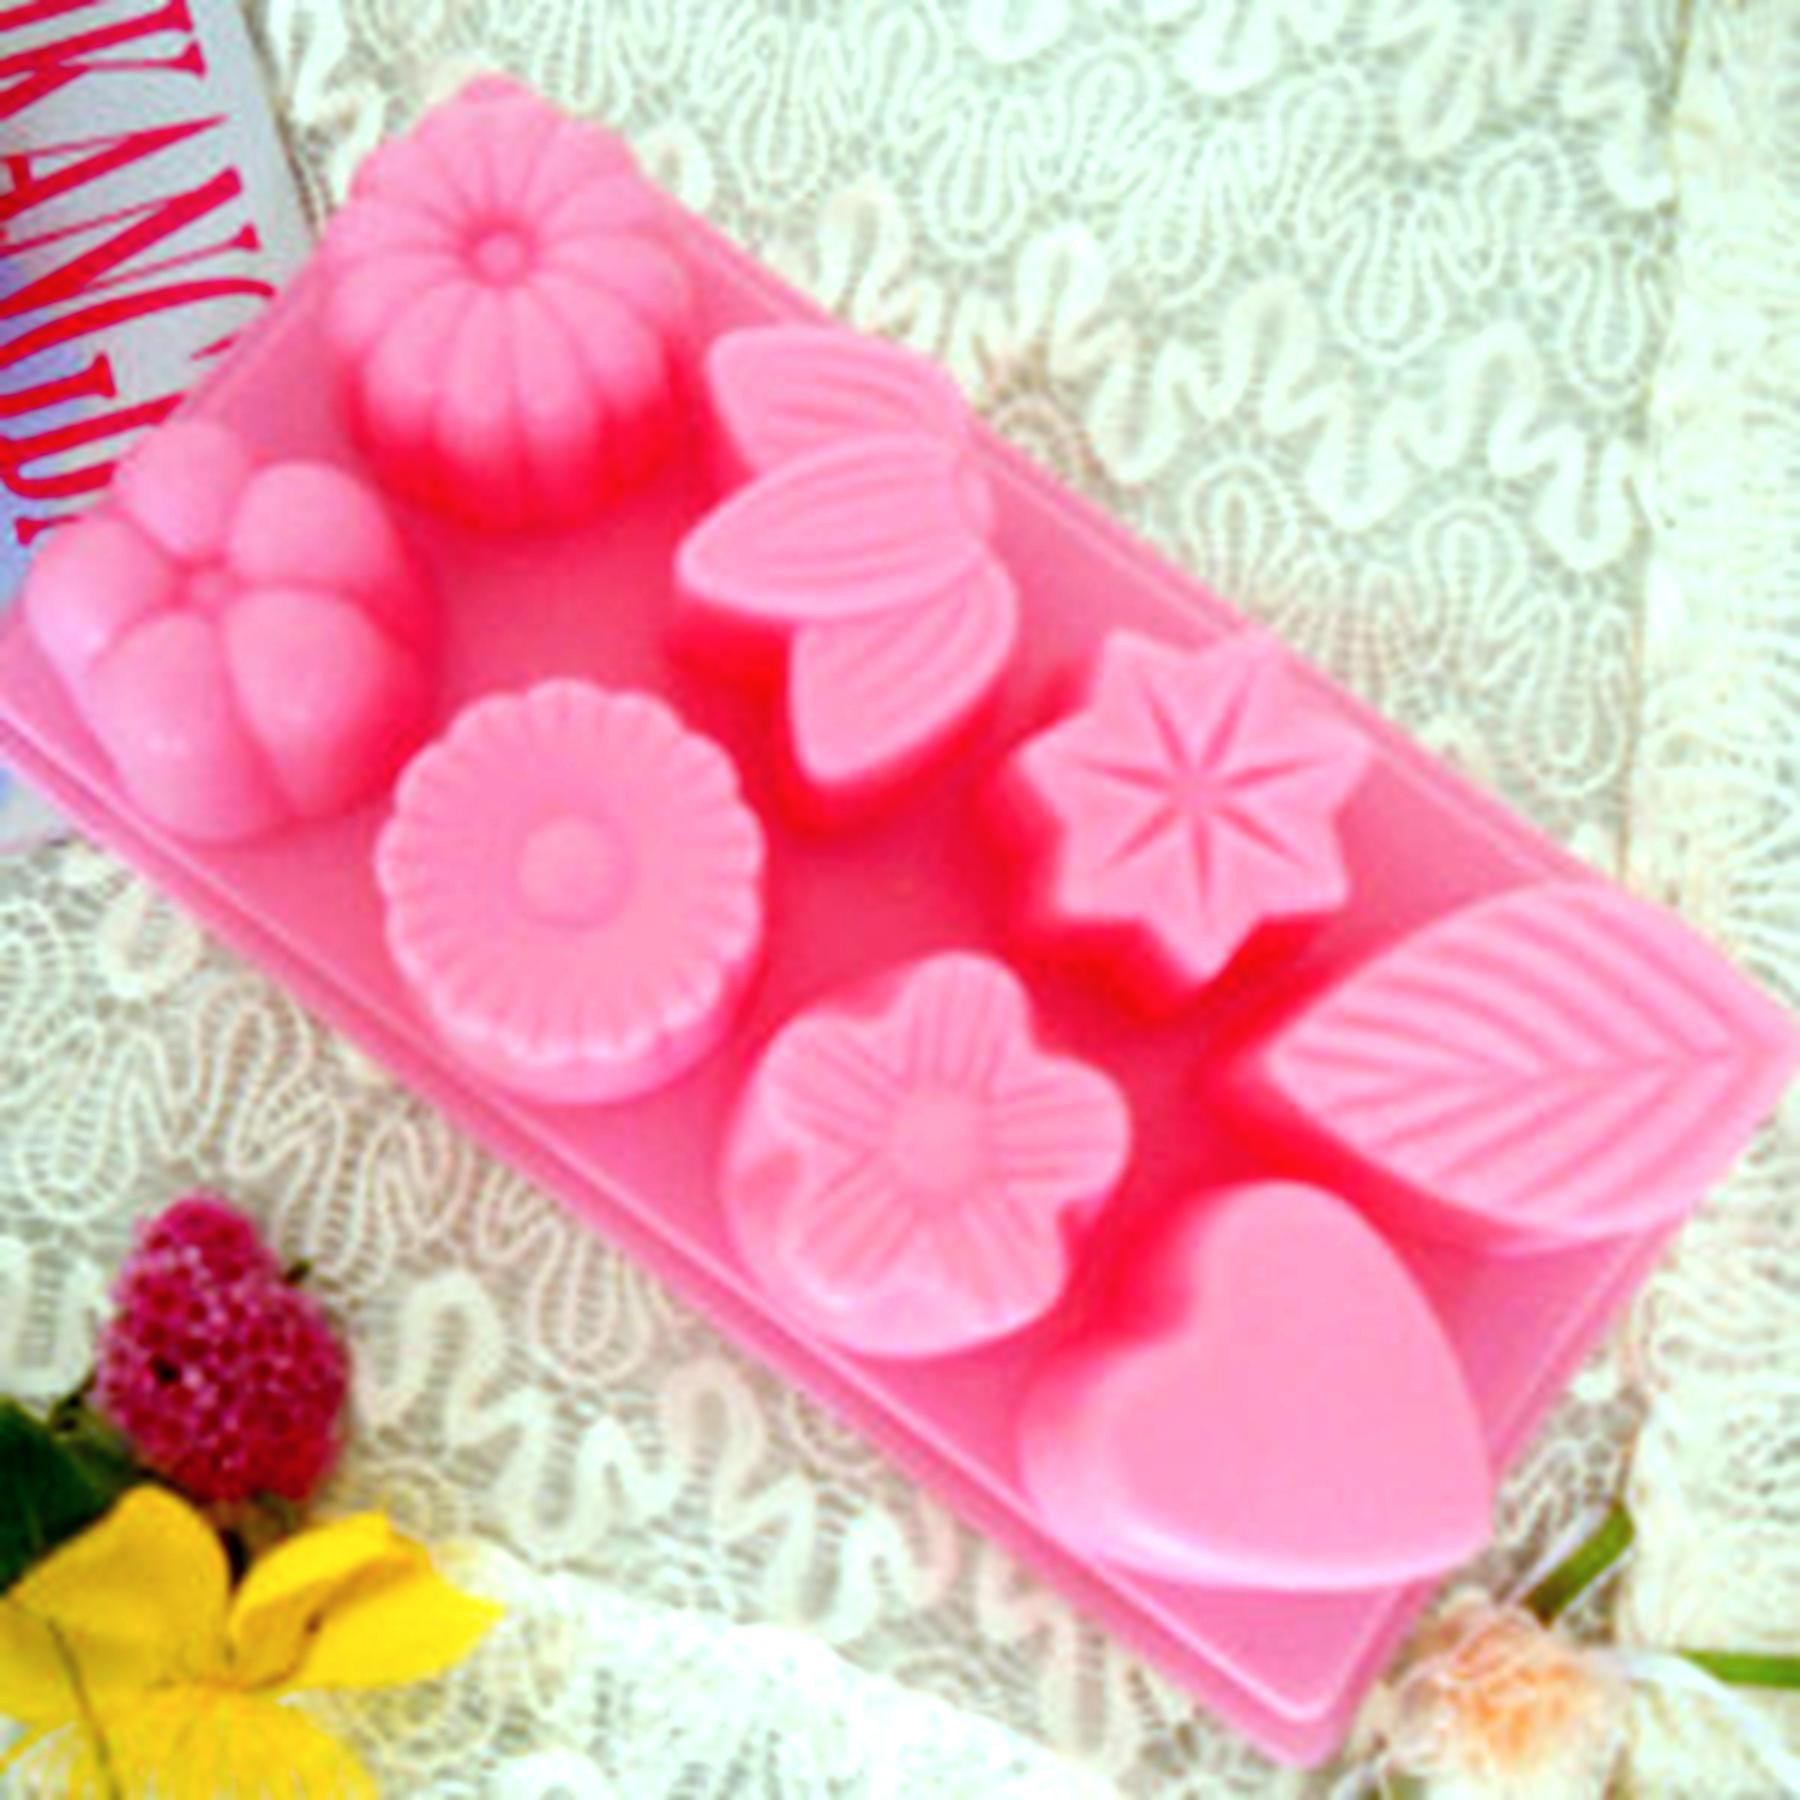 Atoxic Oven Food Grade Silicone Rubber Cake Bakeware